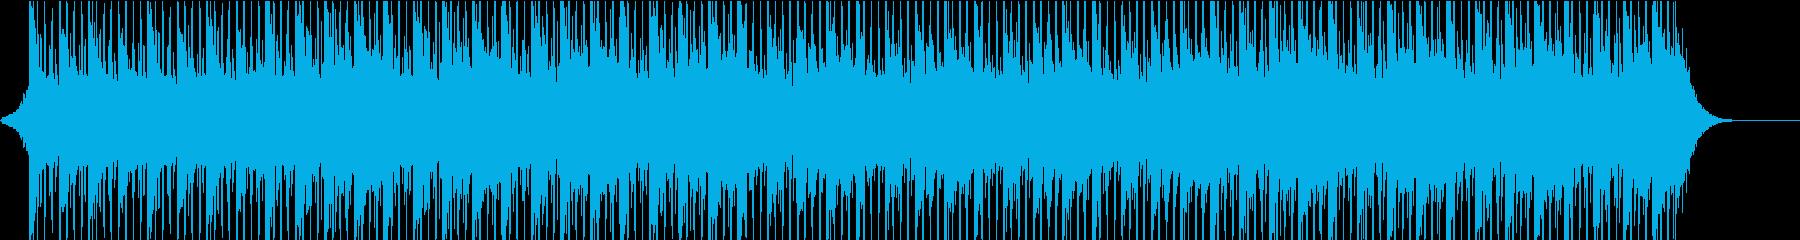 爽やか4つ打ちテクノポップ・企業VPの再生済みの波形